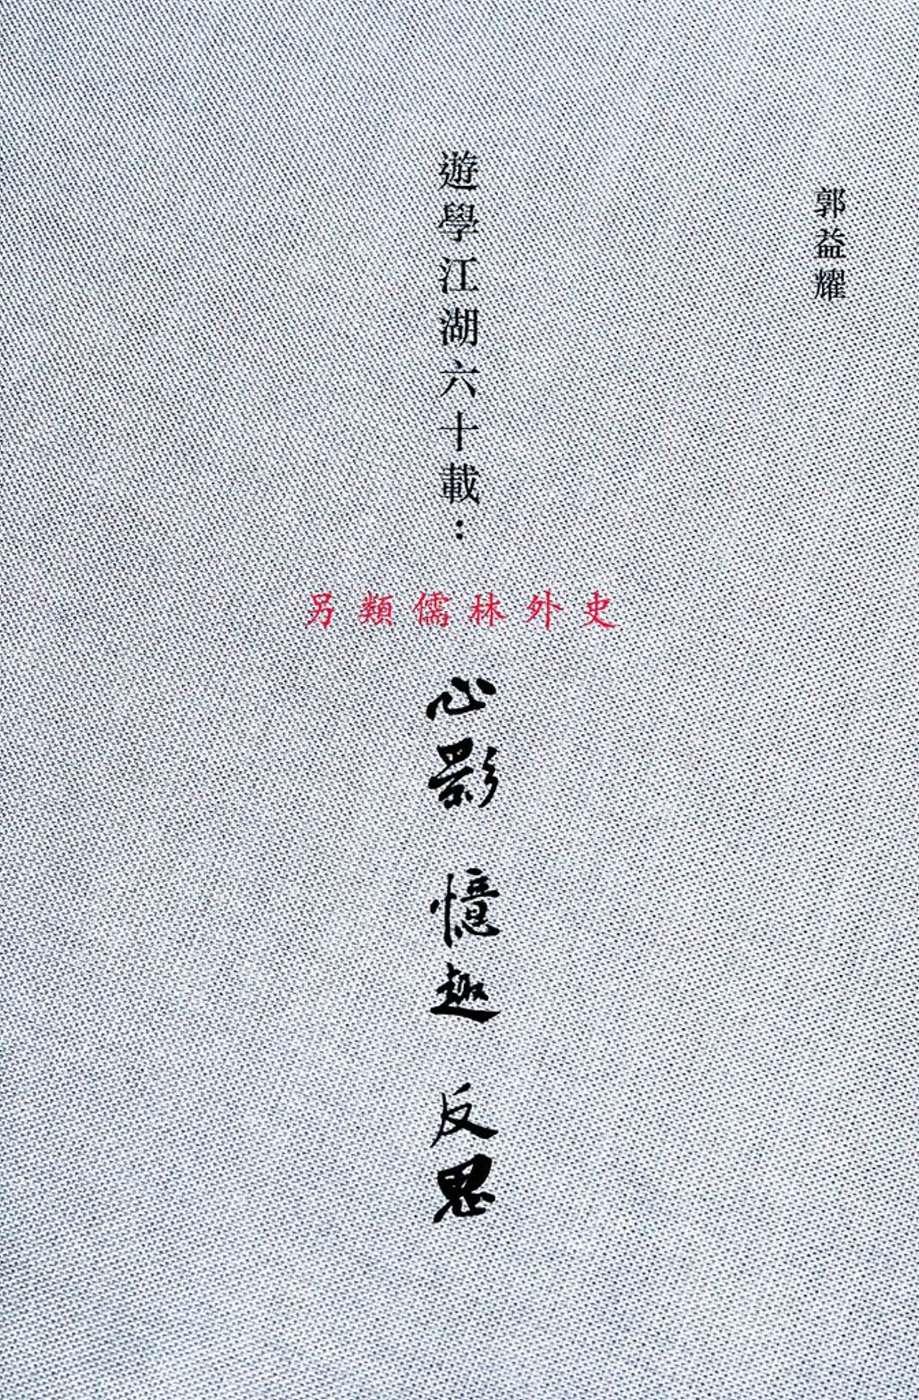 遊學江湖六十載:心影、憶趣、反思〈簡體書〉